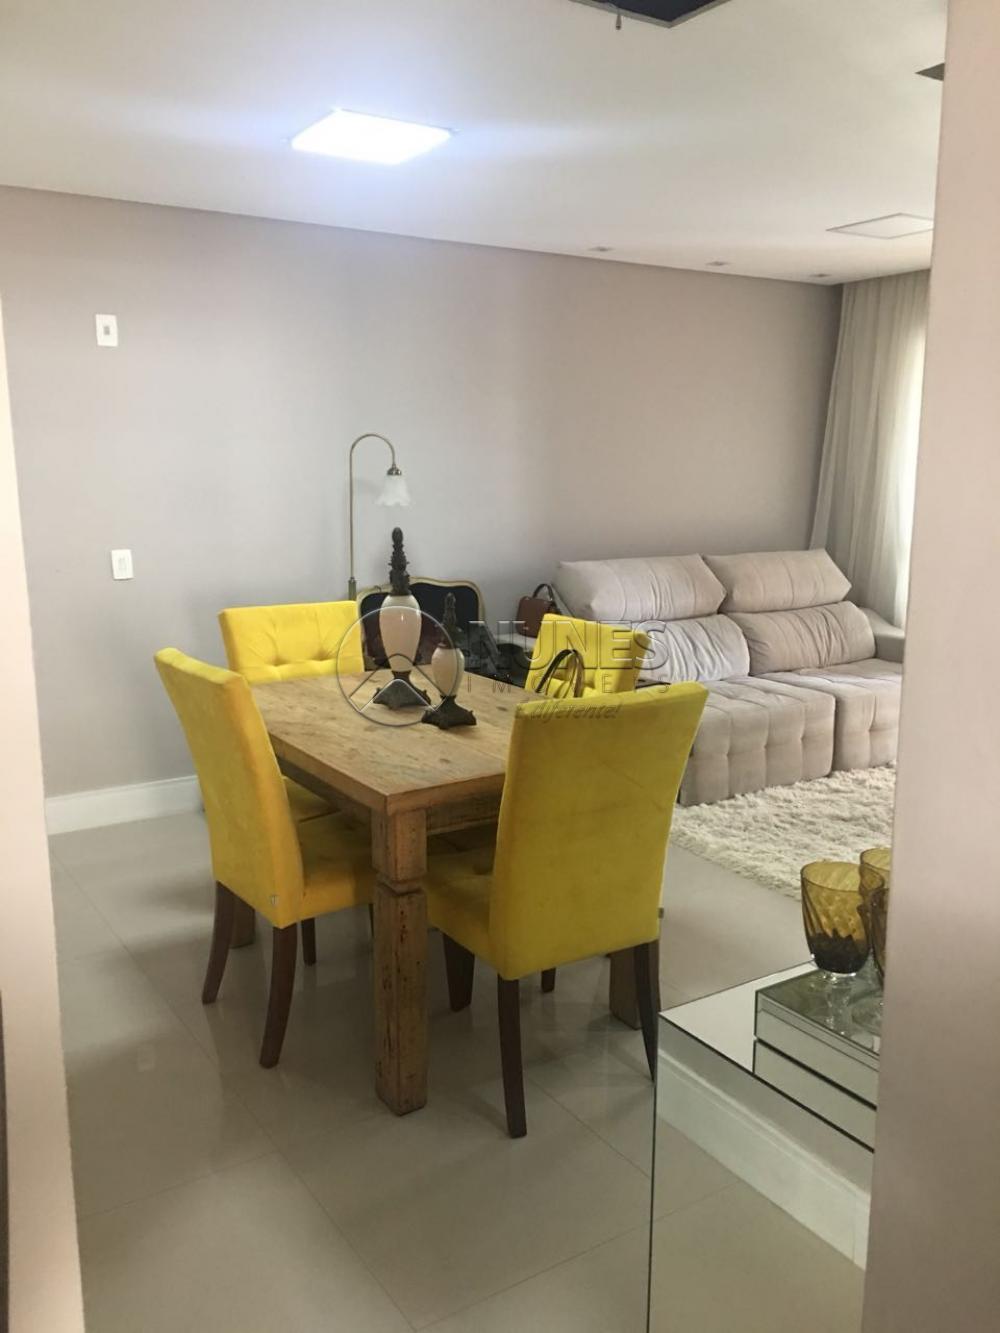 Comprar Apartamento / Padrão em Barueri apenas R$ 405.000,00 - Foto 1